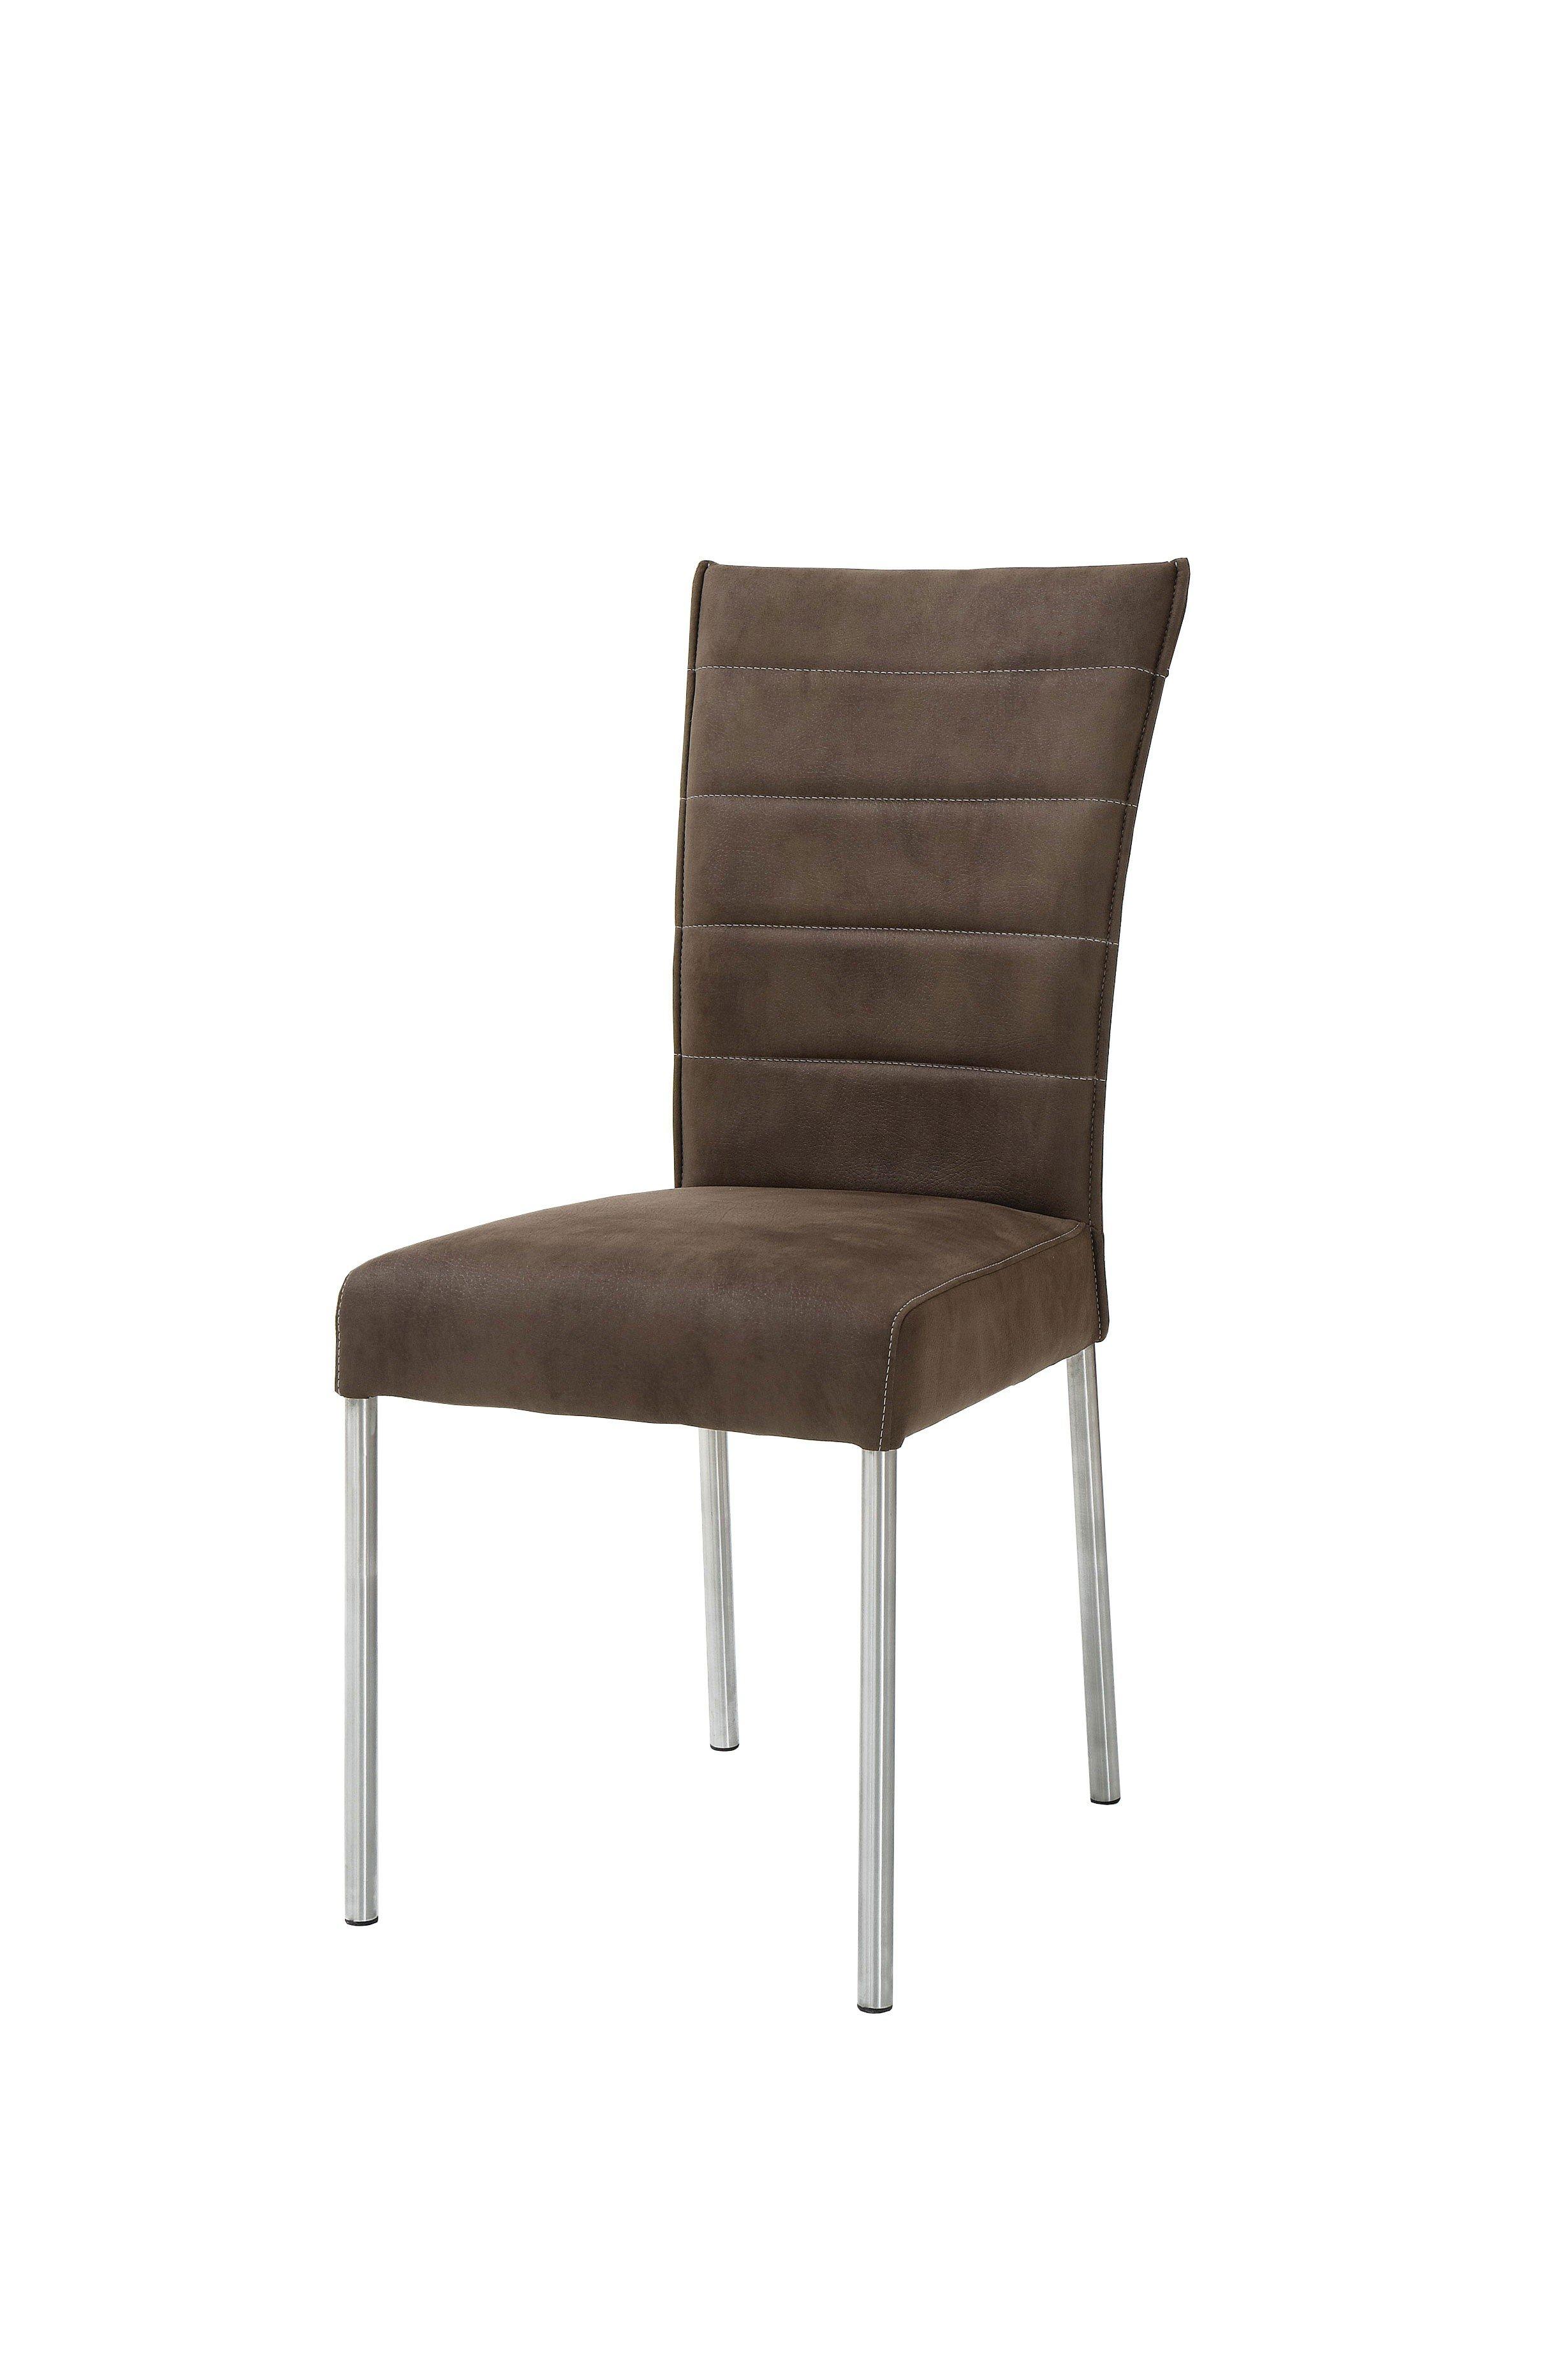 niehoff stuhl 1811 in braun m bel letz ihr online shop. Black Bedroom Furniture Sets. Home Design Ideas